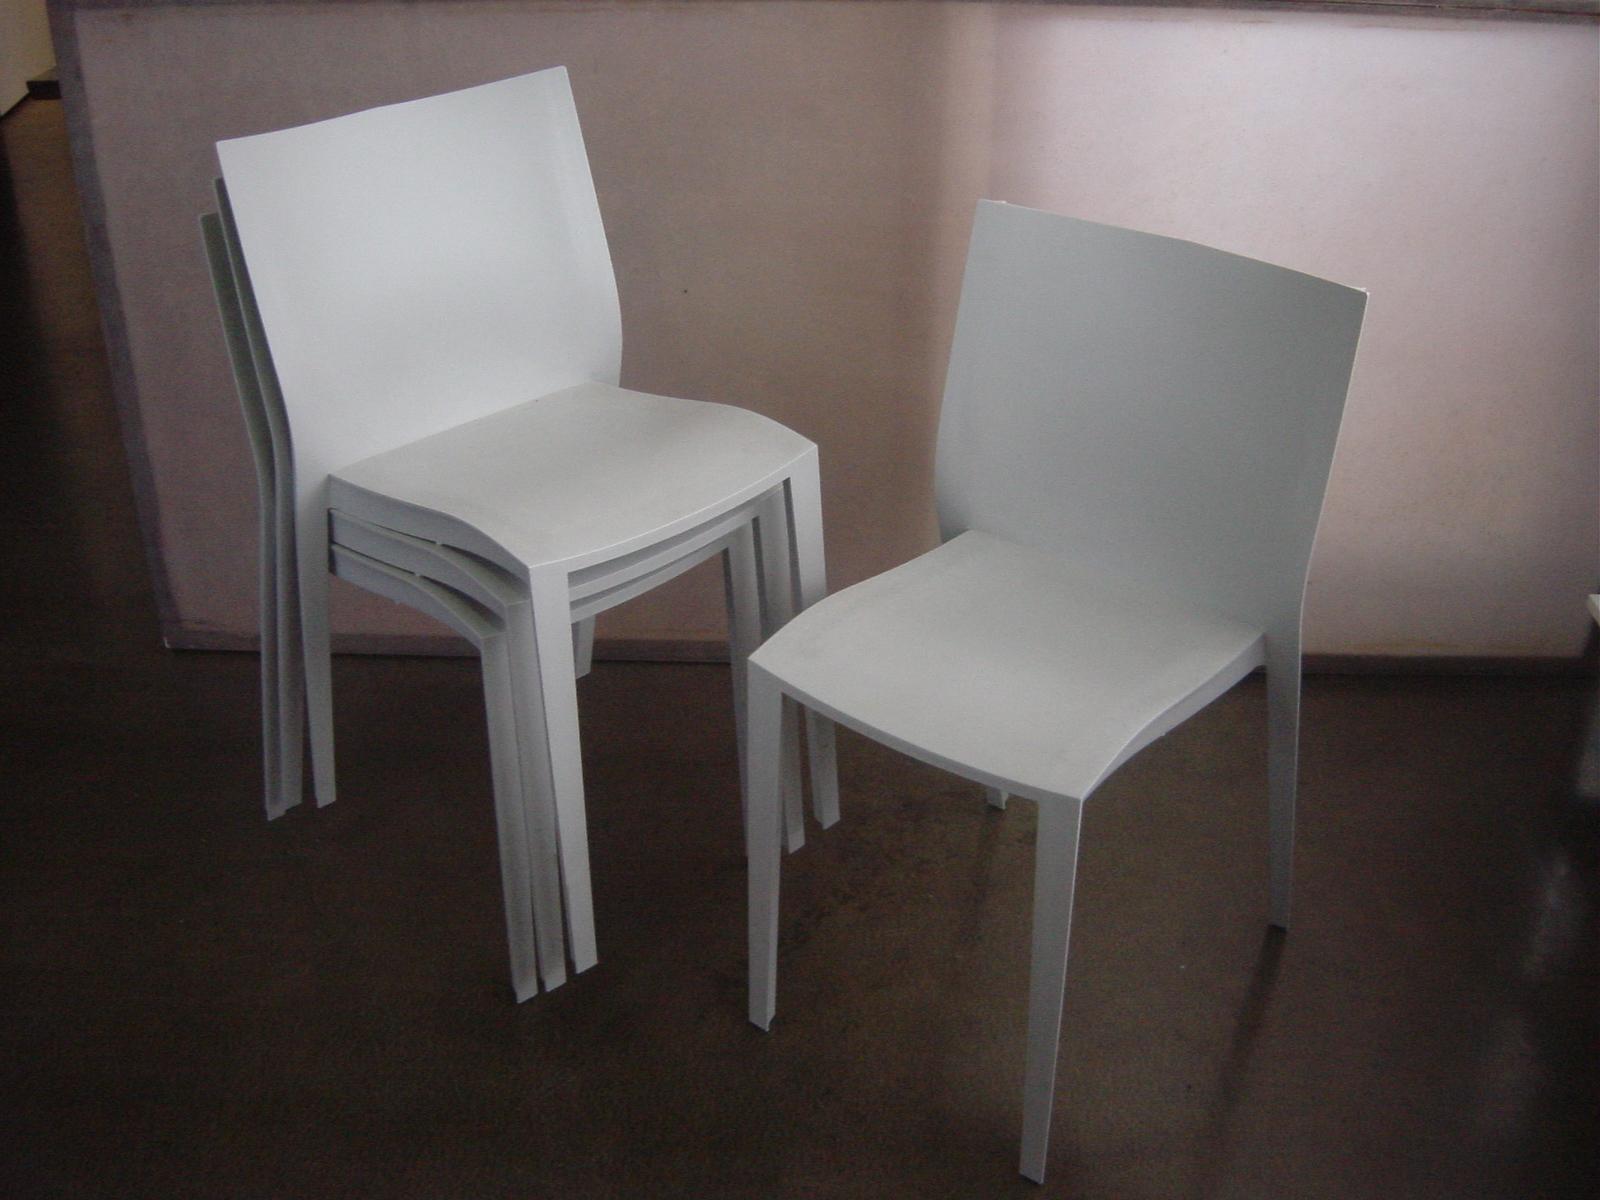 cafechairs modern. Black Bedroom Furniture Sets. Home Design Ideas